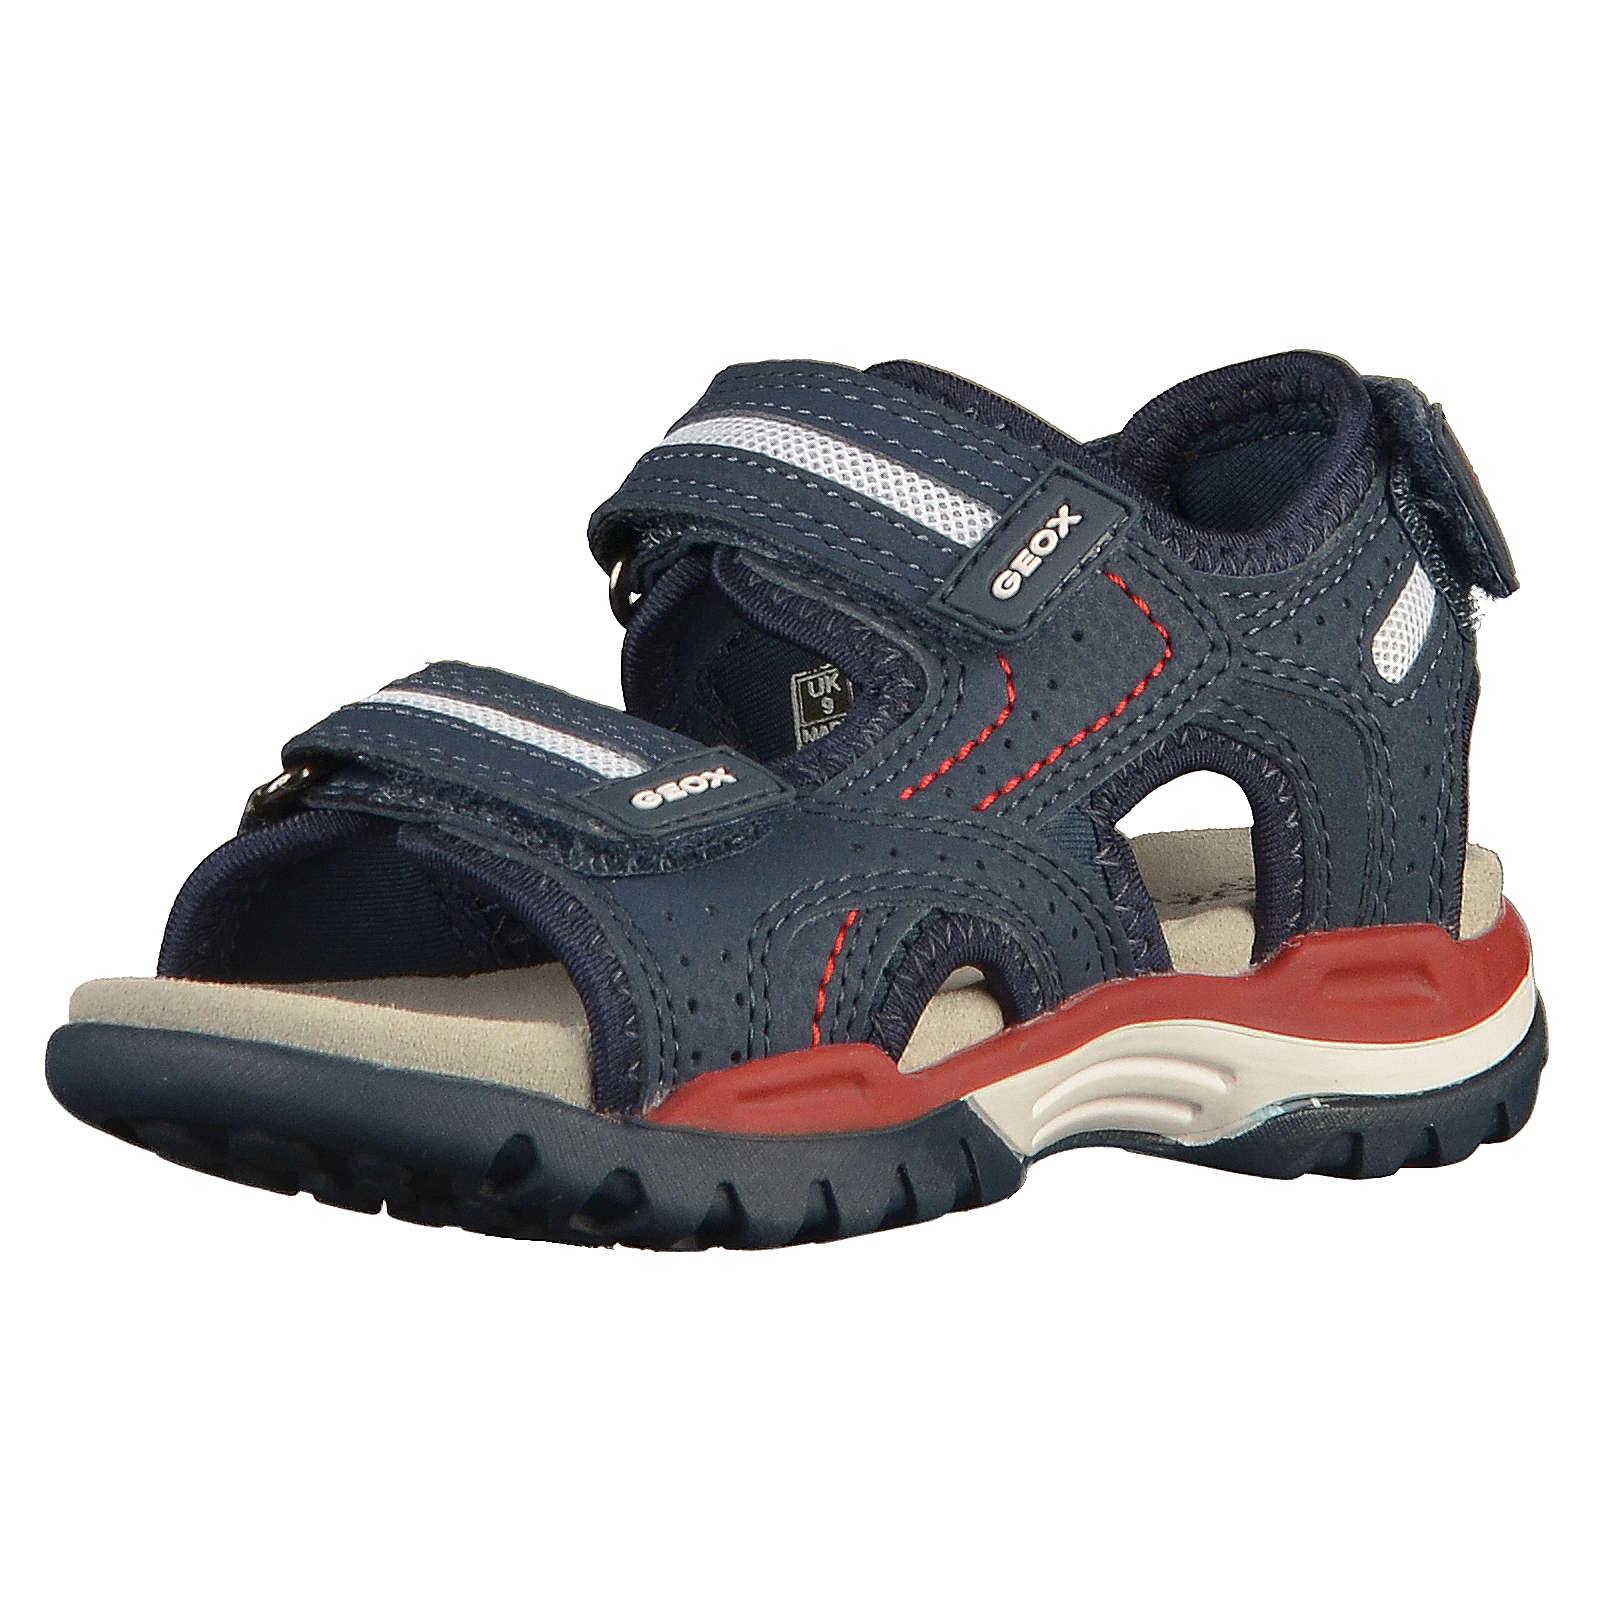 GEOX Sandalen blau/rot Junge Gr. 28